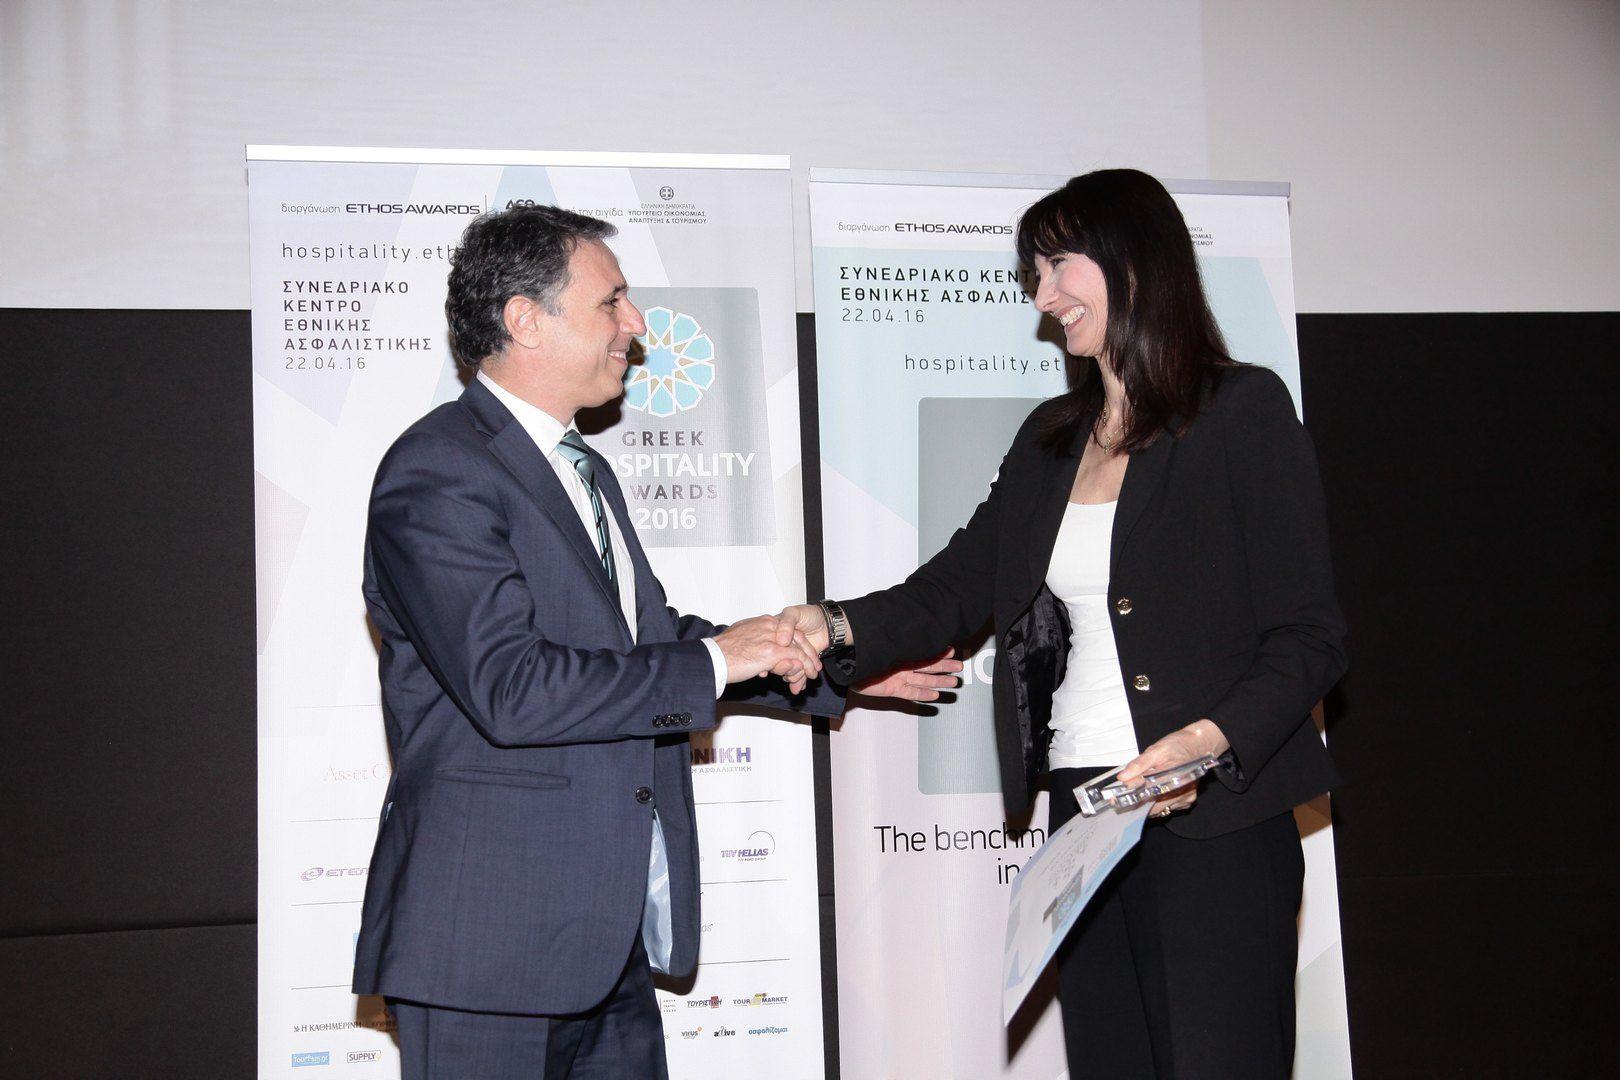 Η Έλενα Κουντουρά απονείμει το βραβείο Top Greek Hotel 2016 στο Ηotel Amirandes